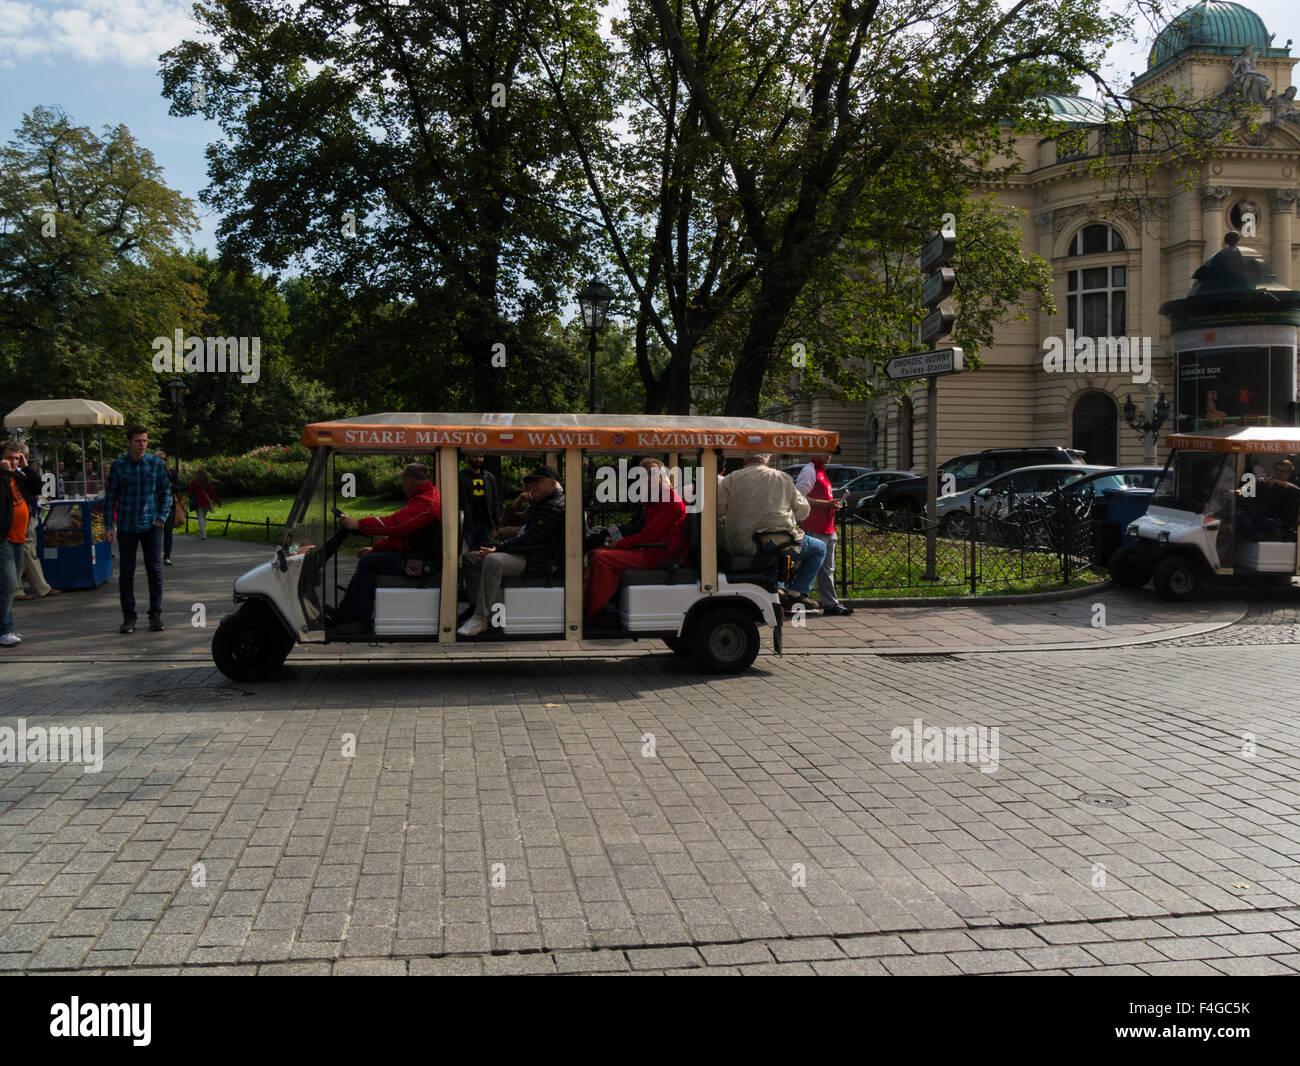 Pollution free Electric carriage taking tourists on Krakow Old City tour Poland environmentally friendly tourist - Stock Image